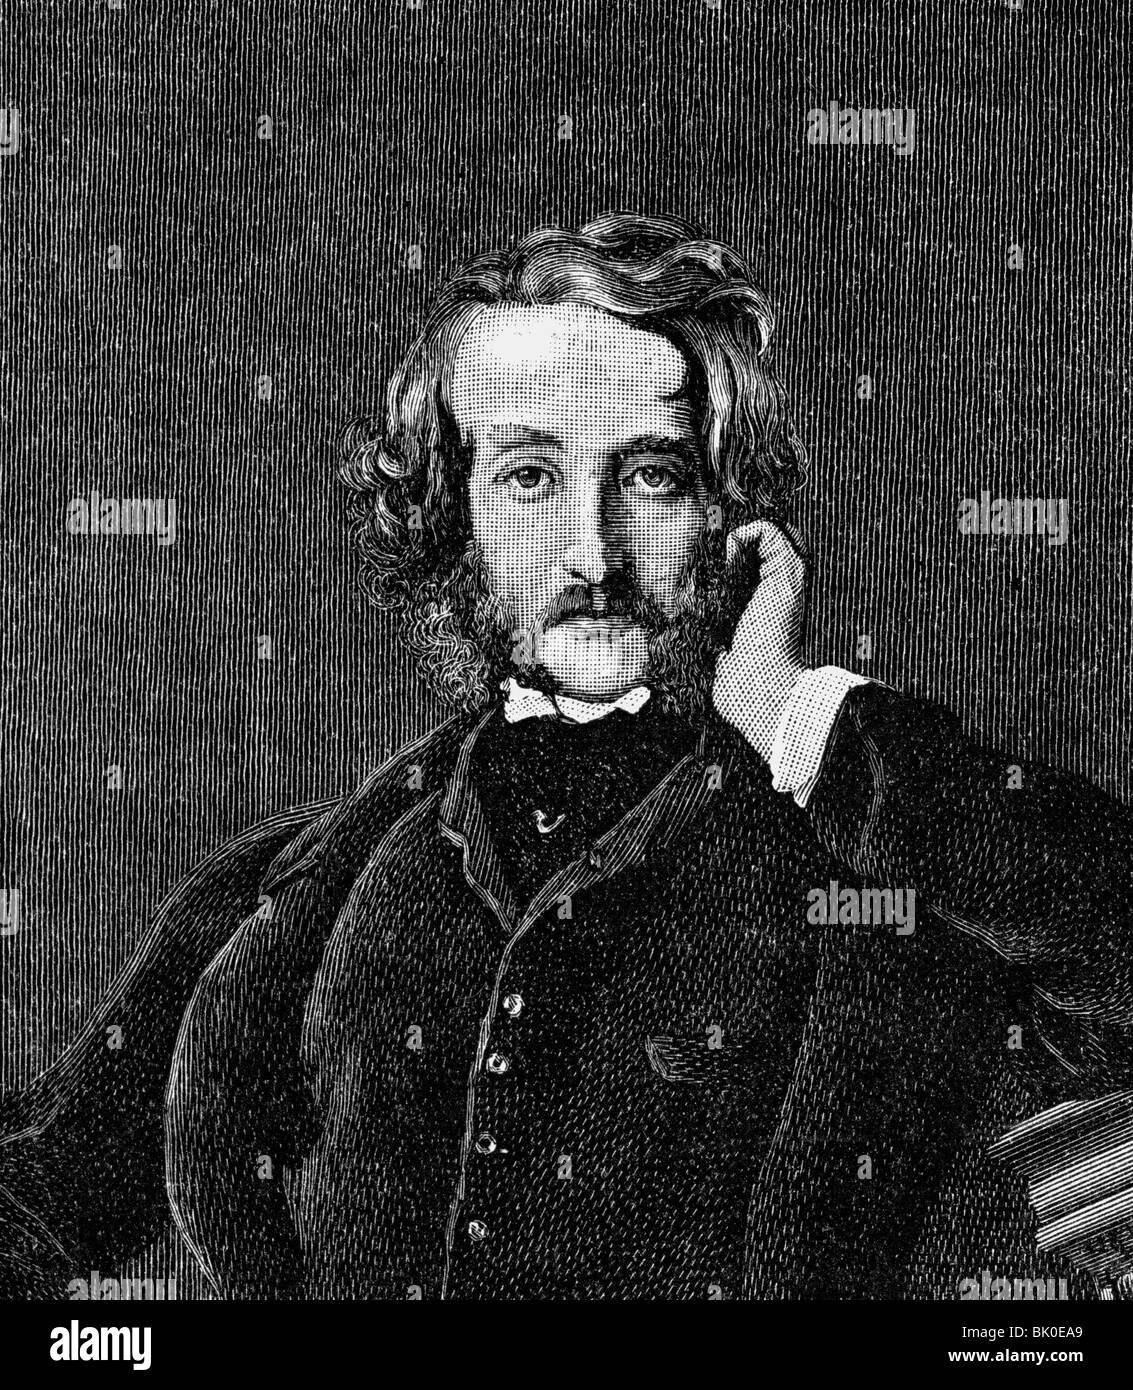 Bulwer-Lytton, Edward, 1. Baron Lytton, 25.5.1803 - 18.1.1873, politicien britannique et auteur / écrivain, demi-longueur, gravure en bois, XIXe siècle, , Banque D'Images